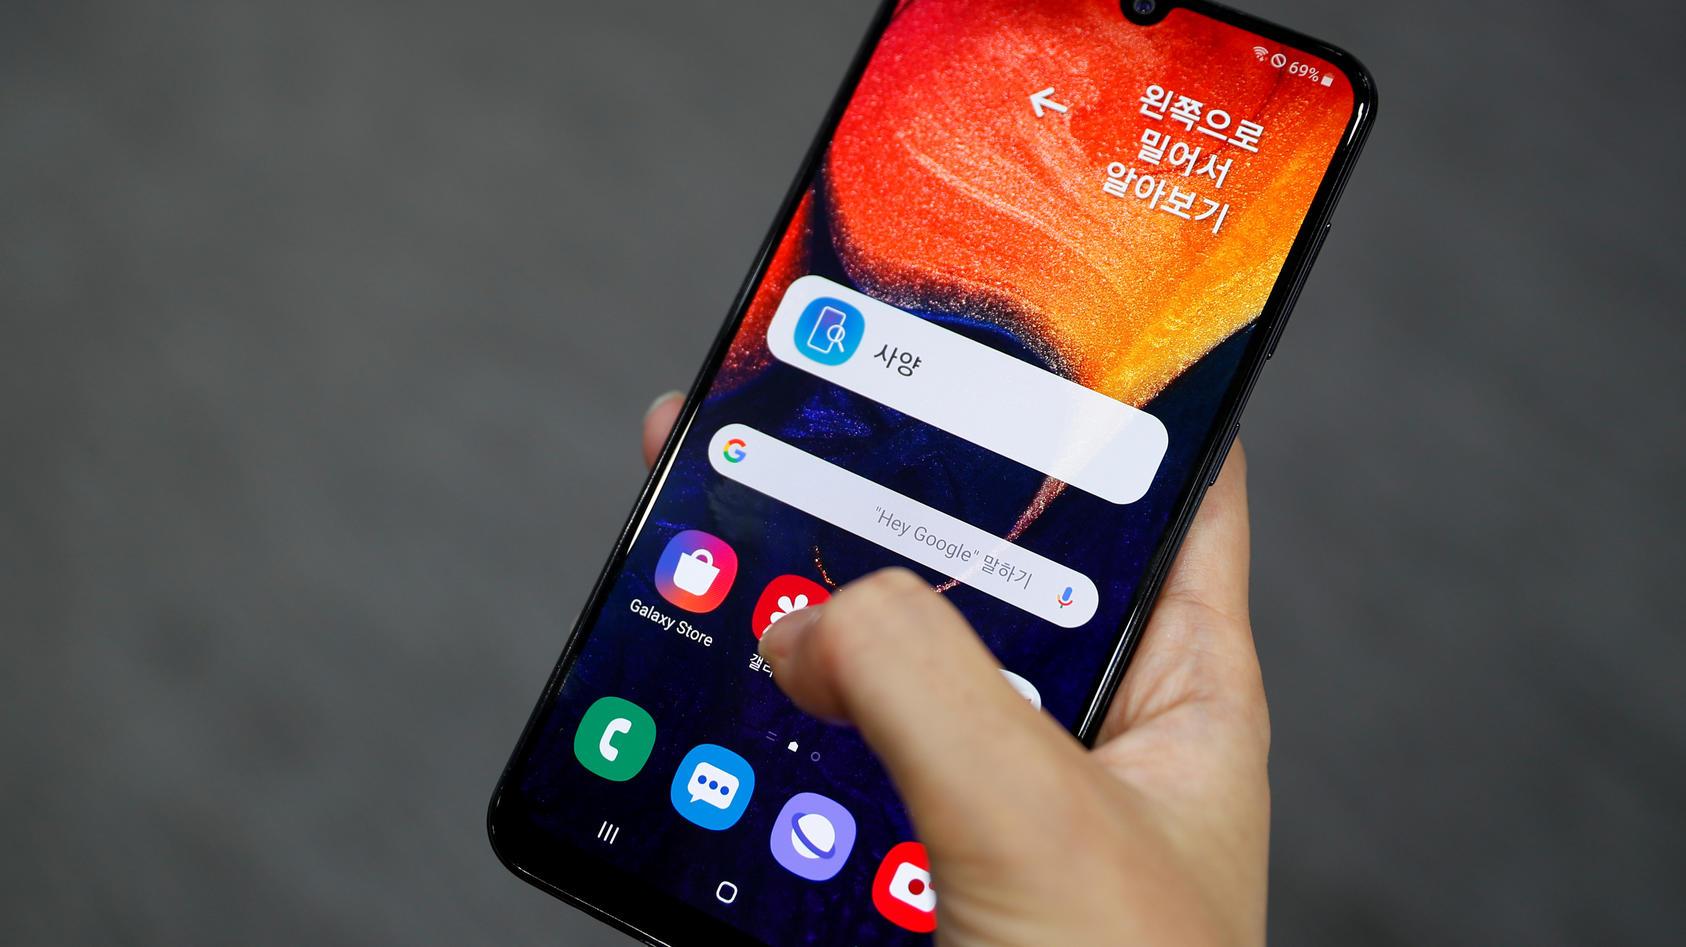 Der Preis-Leistungs-Hit Samsung Galaxy A50 ist vor Weihnachten im Angebot.